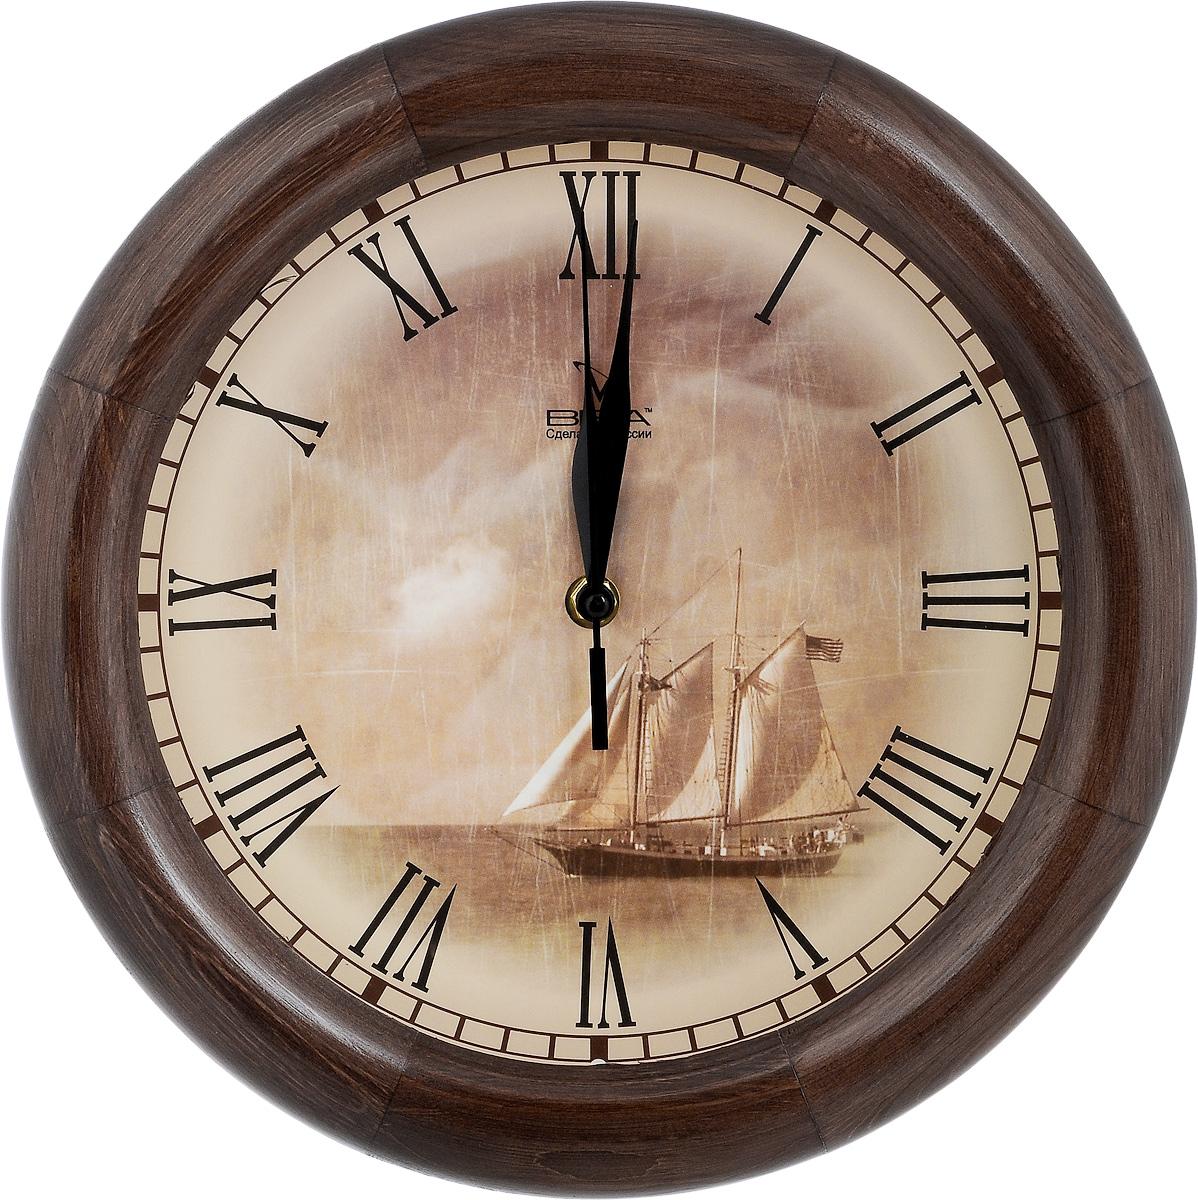 Часы настенные Вега Парусник, диаметр 30 см94672Настенные кварцевые часы Вега Парусник, изготовленные из дерева, прекрасно впишутся в интерьер вашего дома. Часы имеют три стрелки: часовую, минутную и секундную, циферблат защищен прозрачным стеклом. Часы работают от 1 батарейки типа АА напряжением 1,5 В (не входит в комплект).Диаметр часов: 30 см.